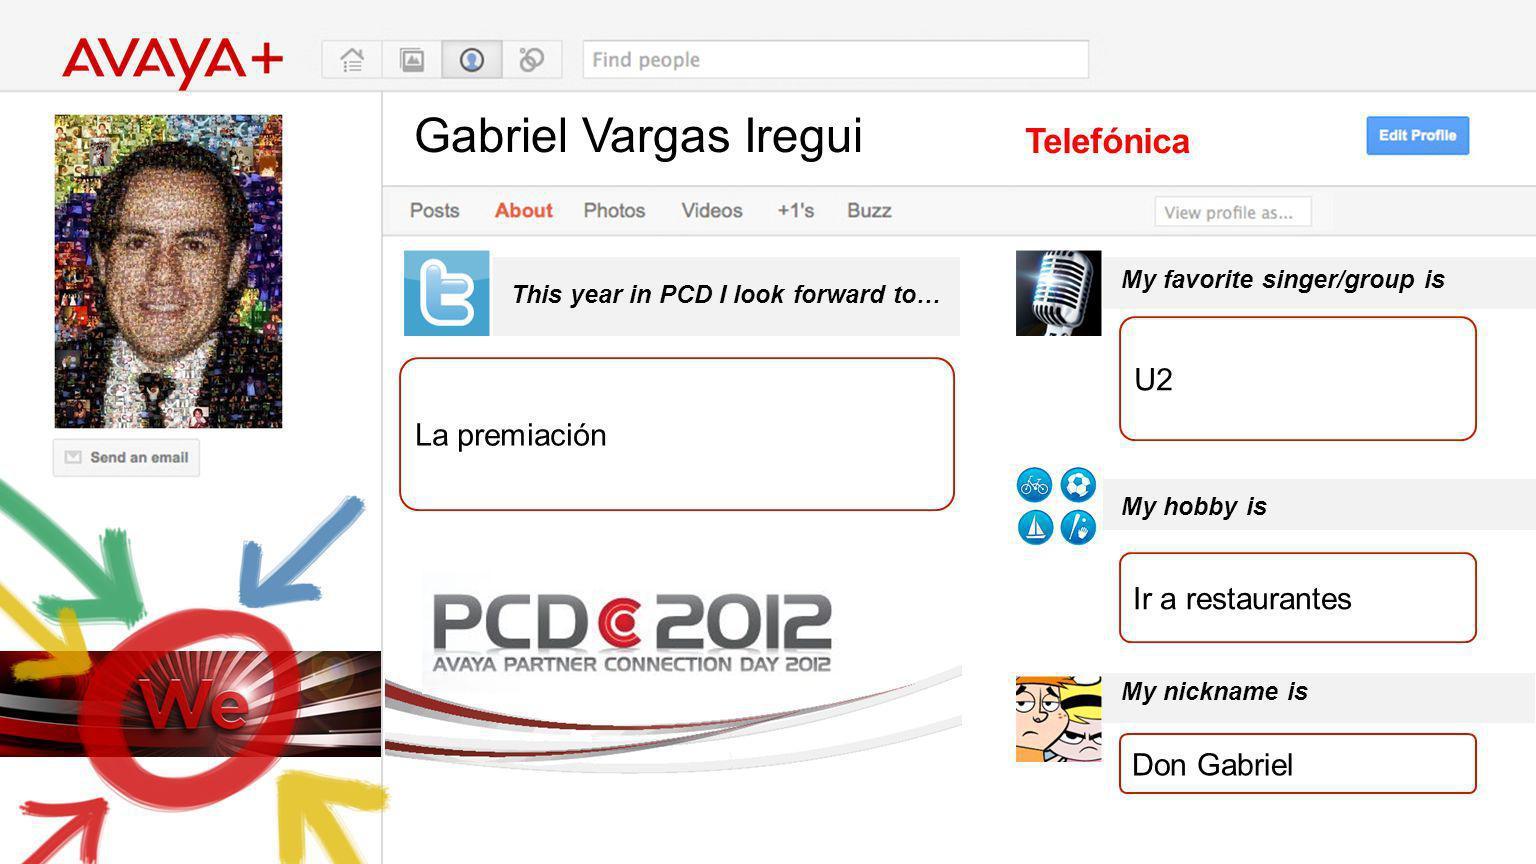 Gabriel Vargas Iregui This year in PCD I look forward to… Telefónica La premiación My favorite singer/group is My hobby is My nickname is U2 Ir a rest